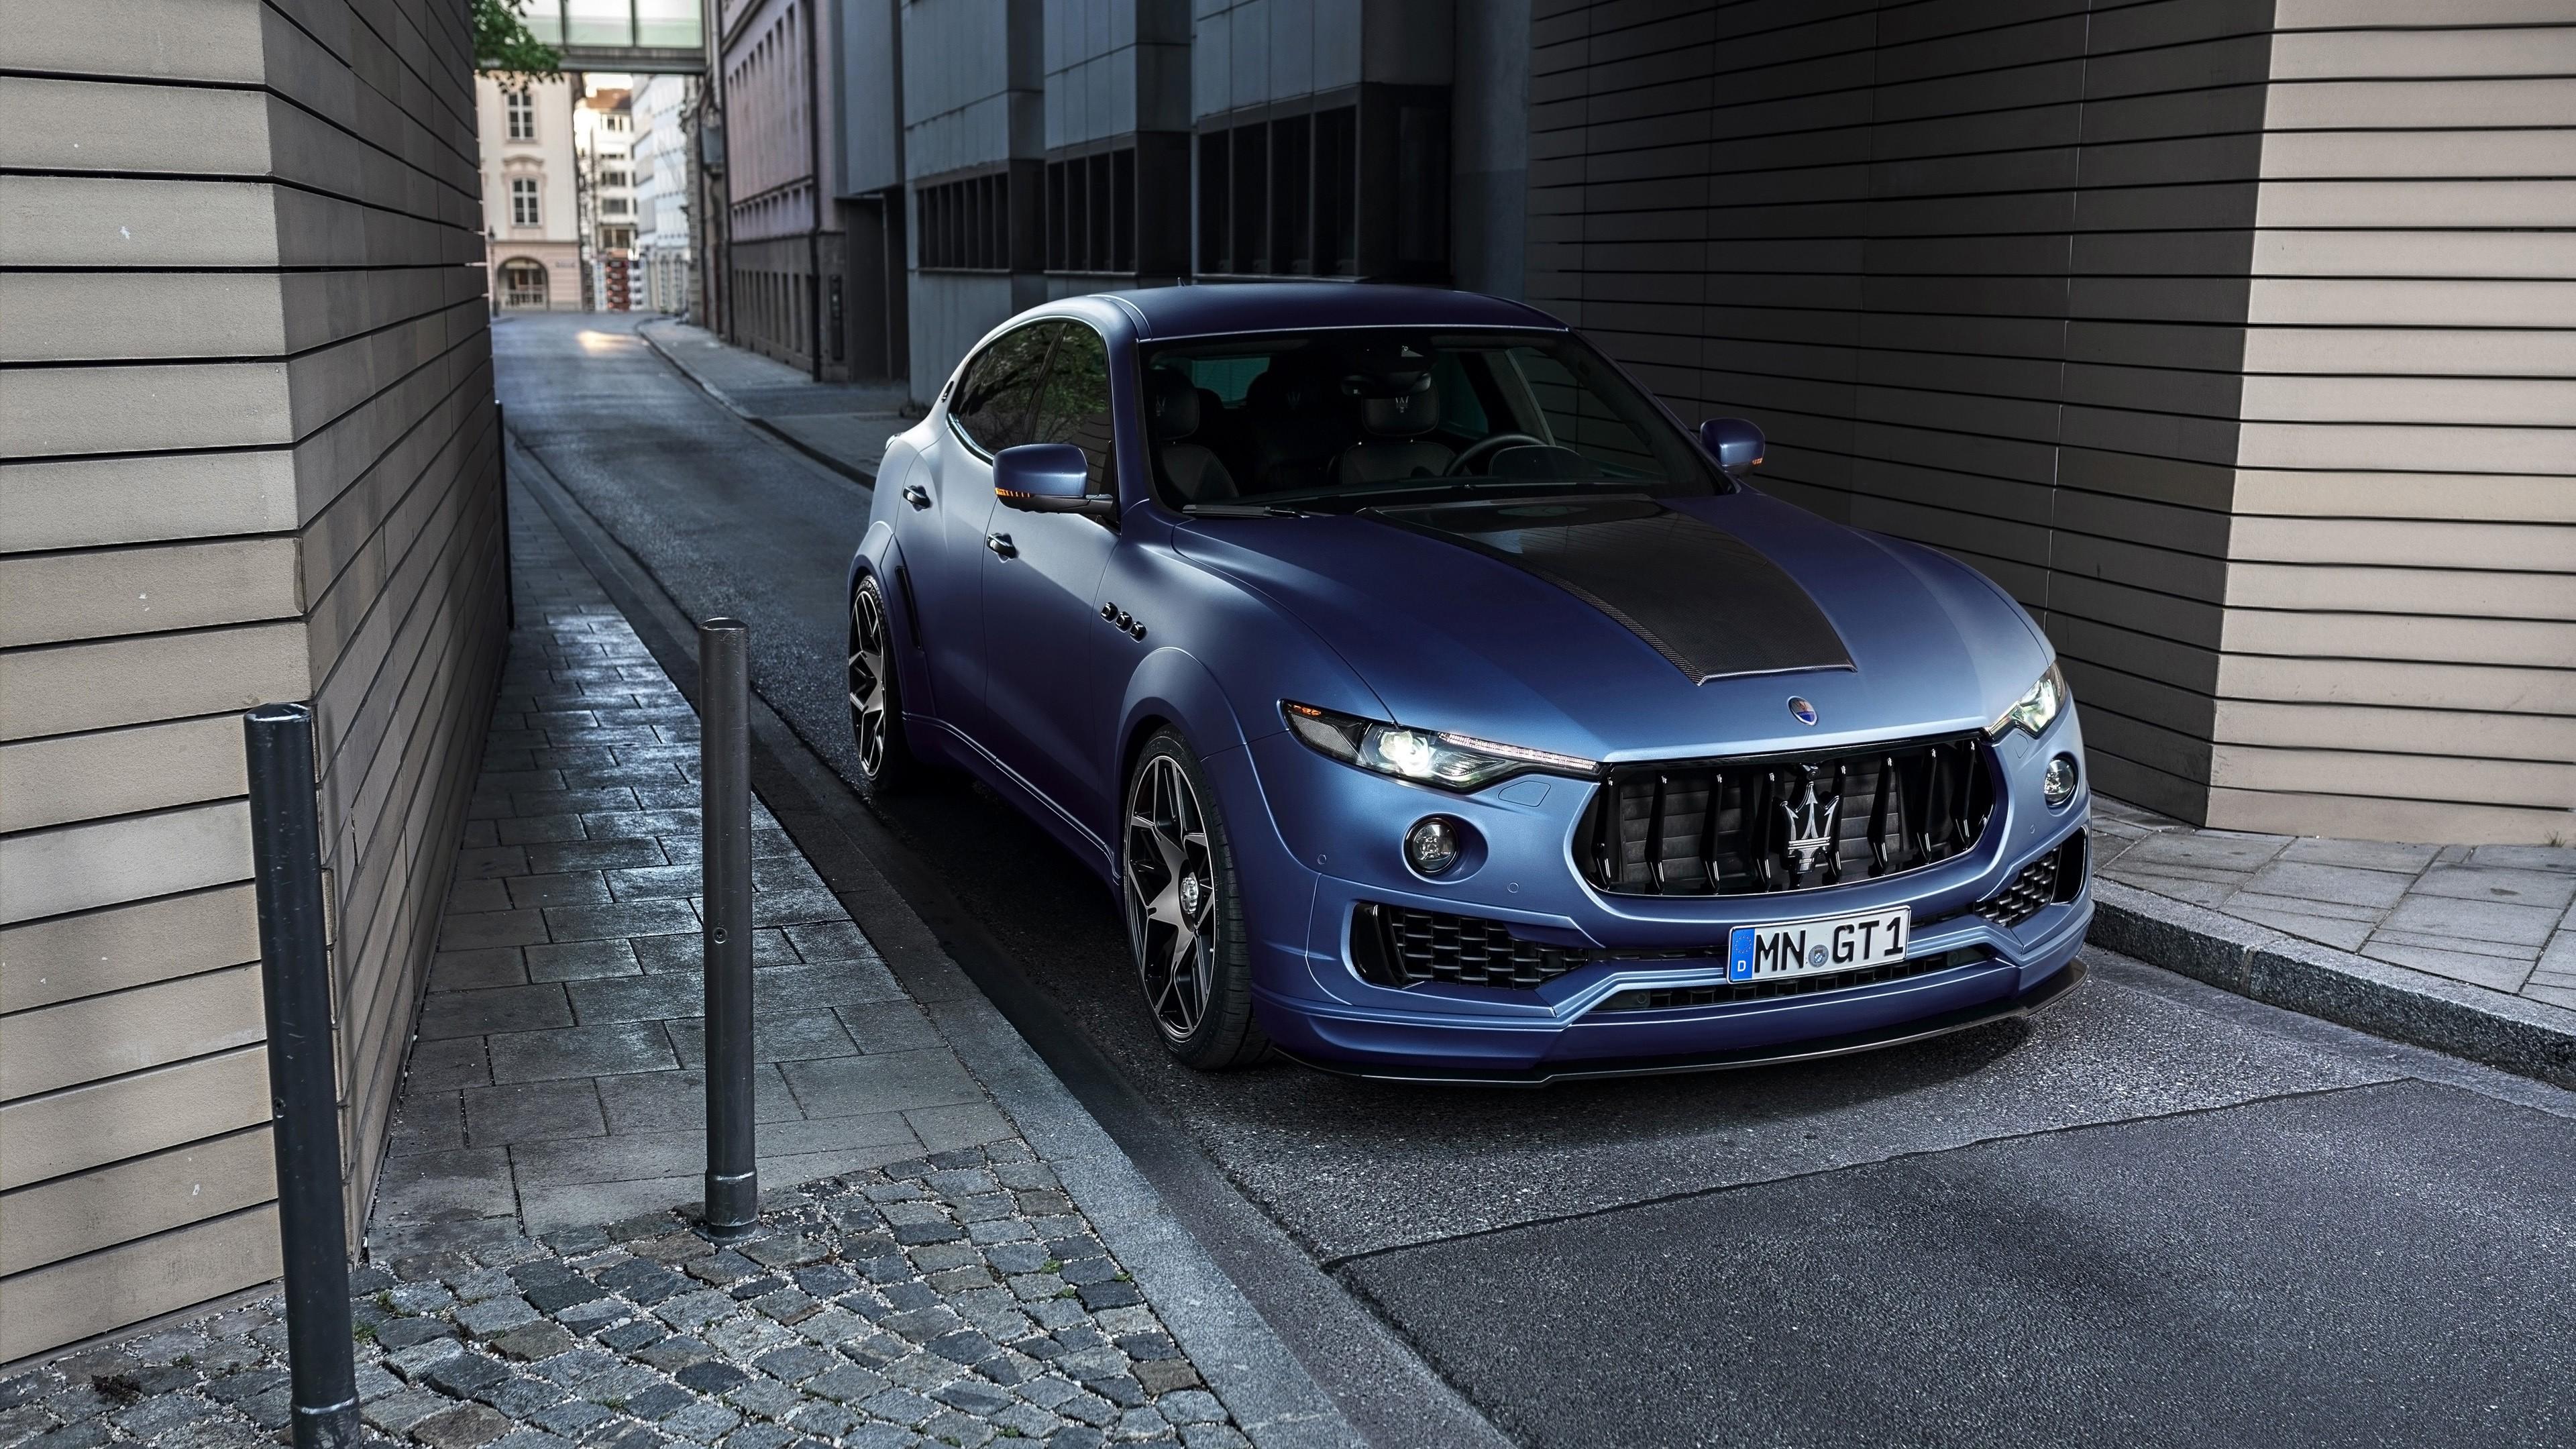 Image [ 4 of 9 ] - 2017 Maserati Levante Esteso By Novitec 4k ...